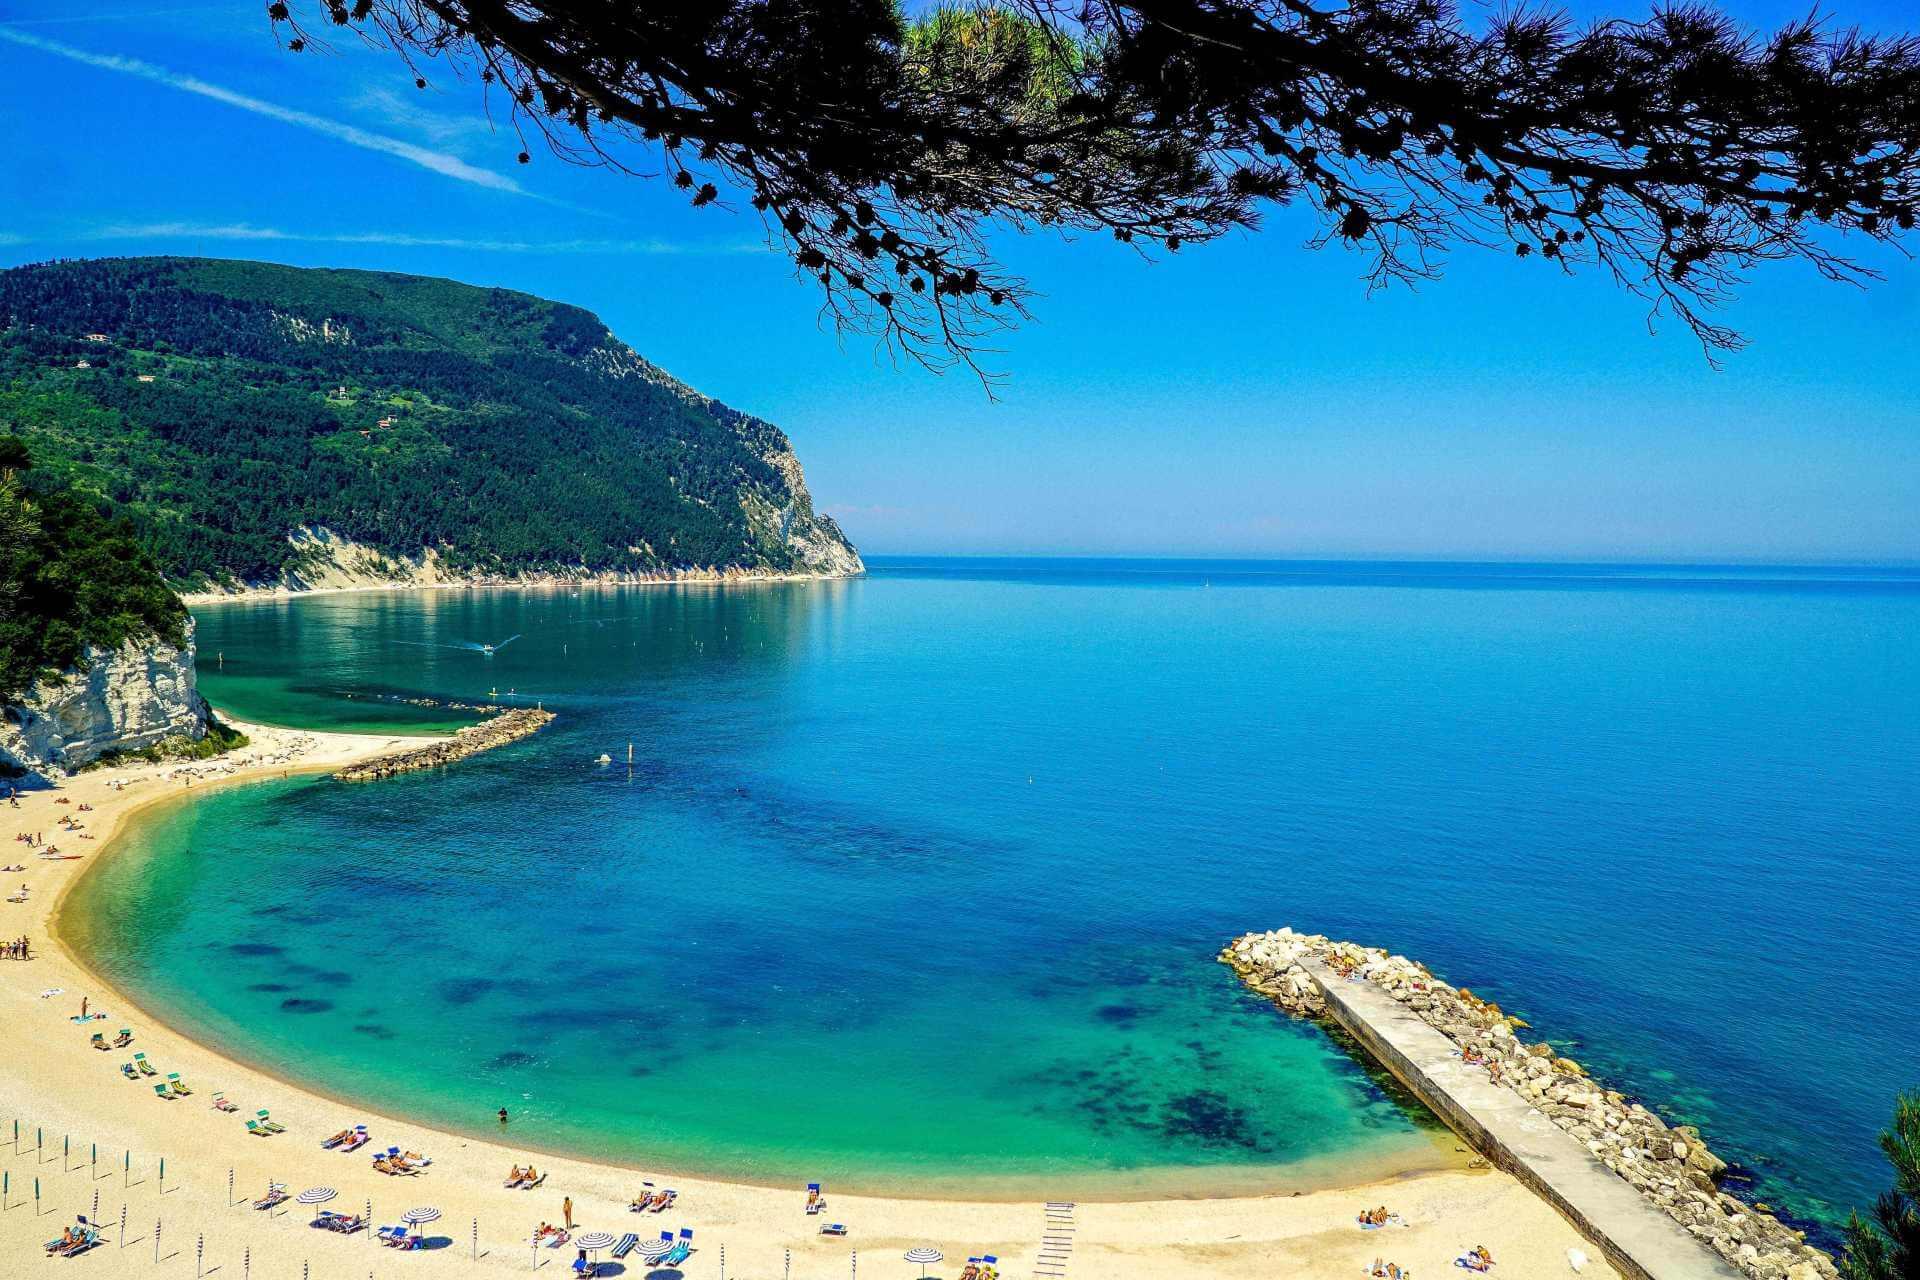 Ankona Ancona Riwiera Conero Sirolo plaże wybrzeze adriatyckie Włochy